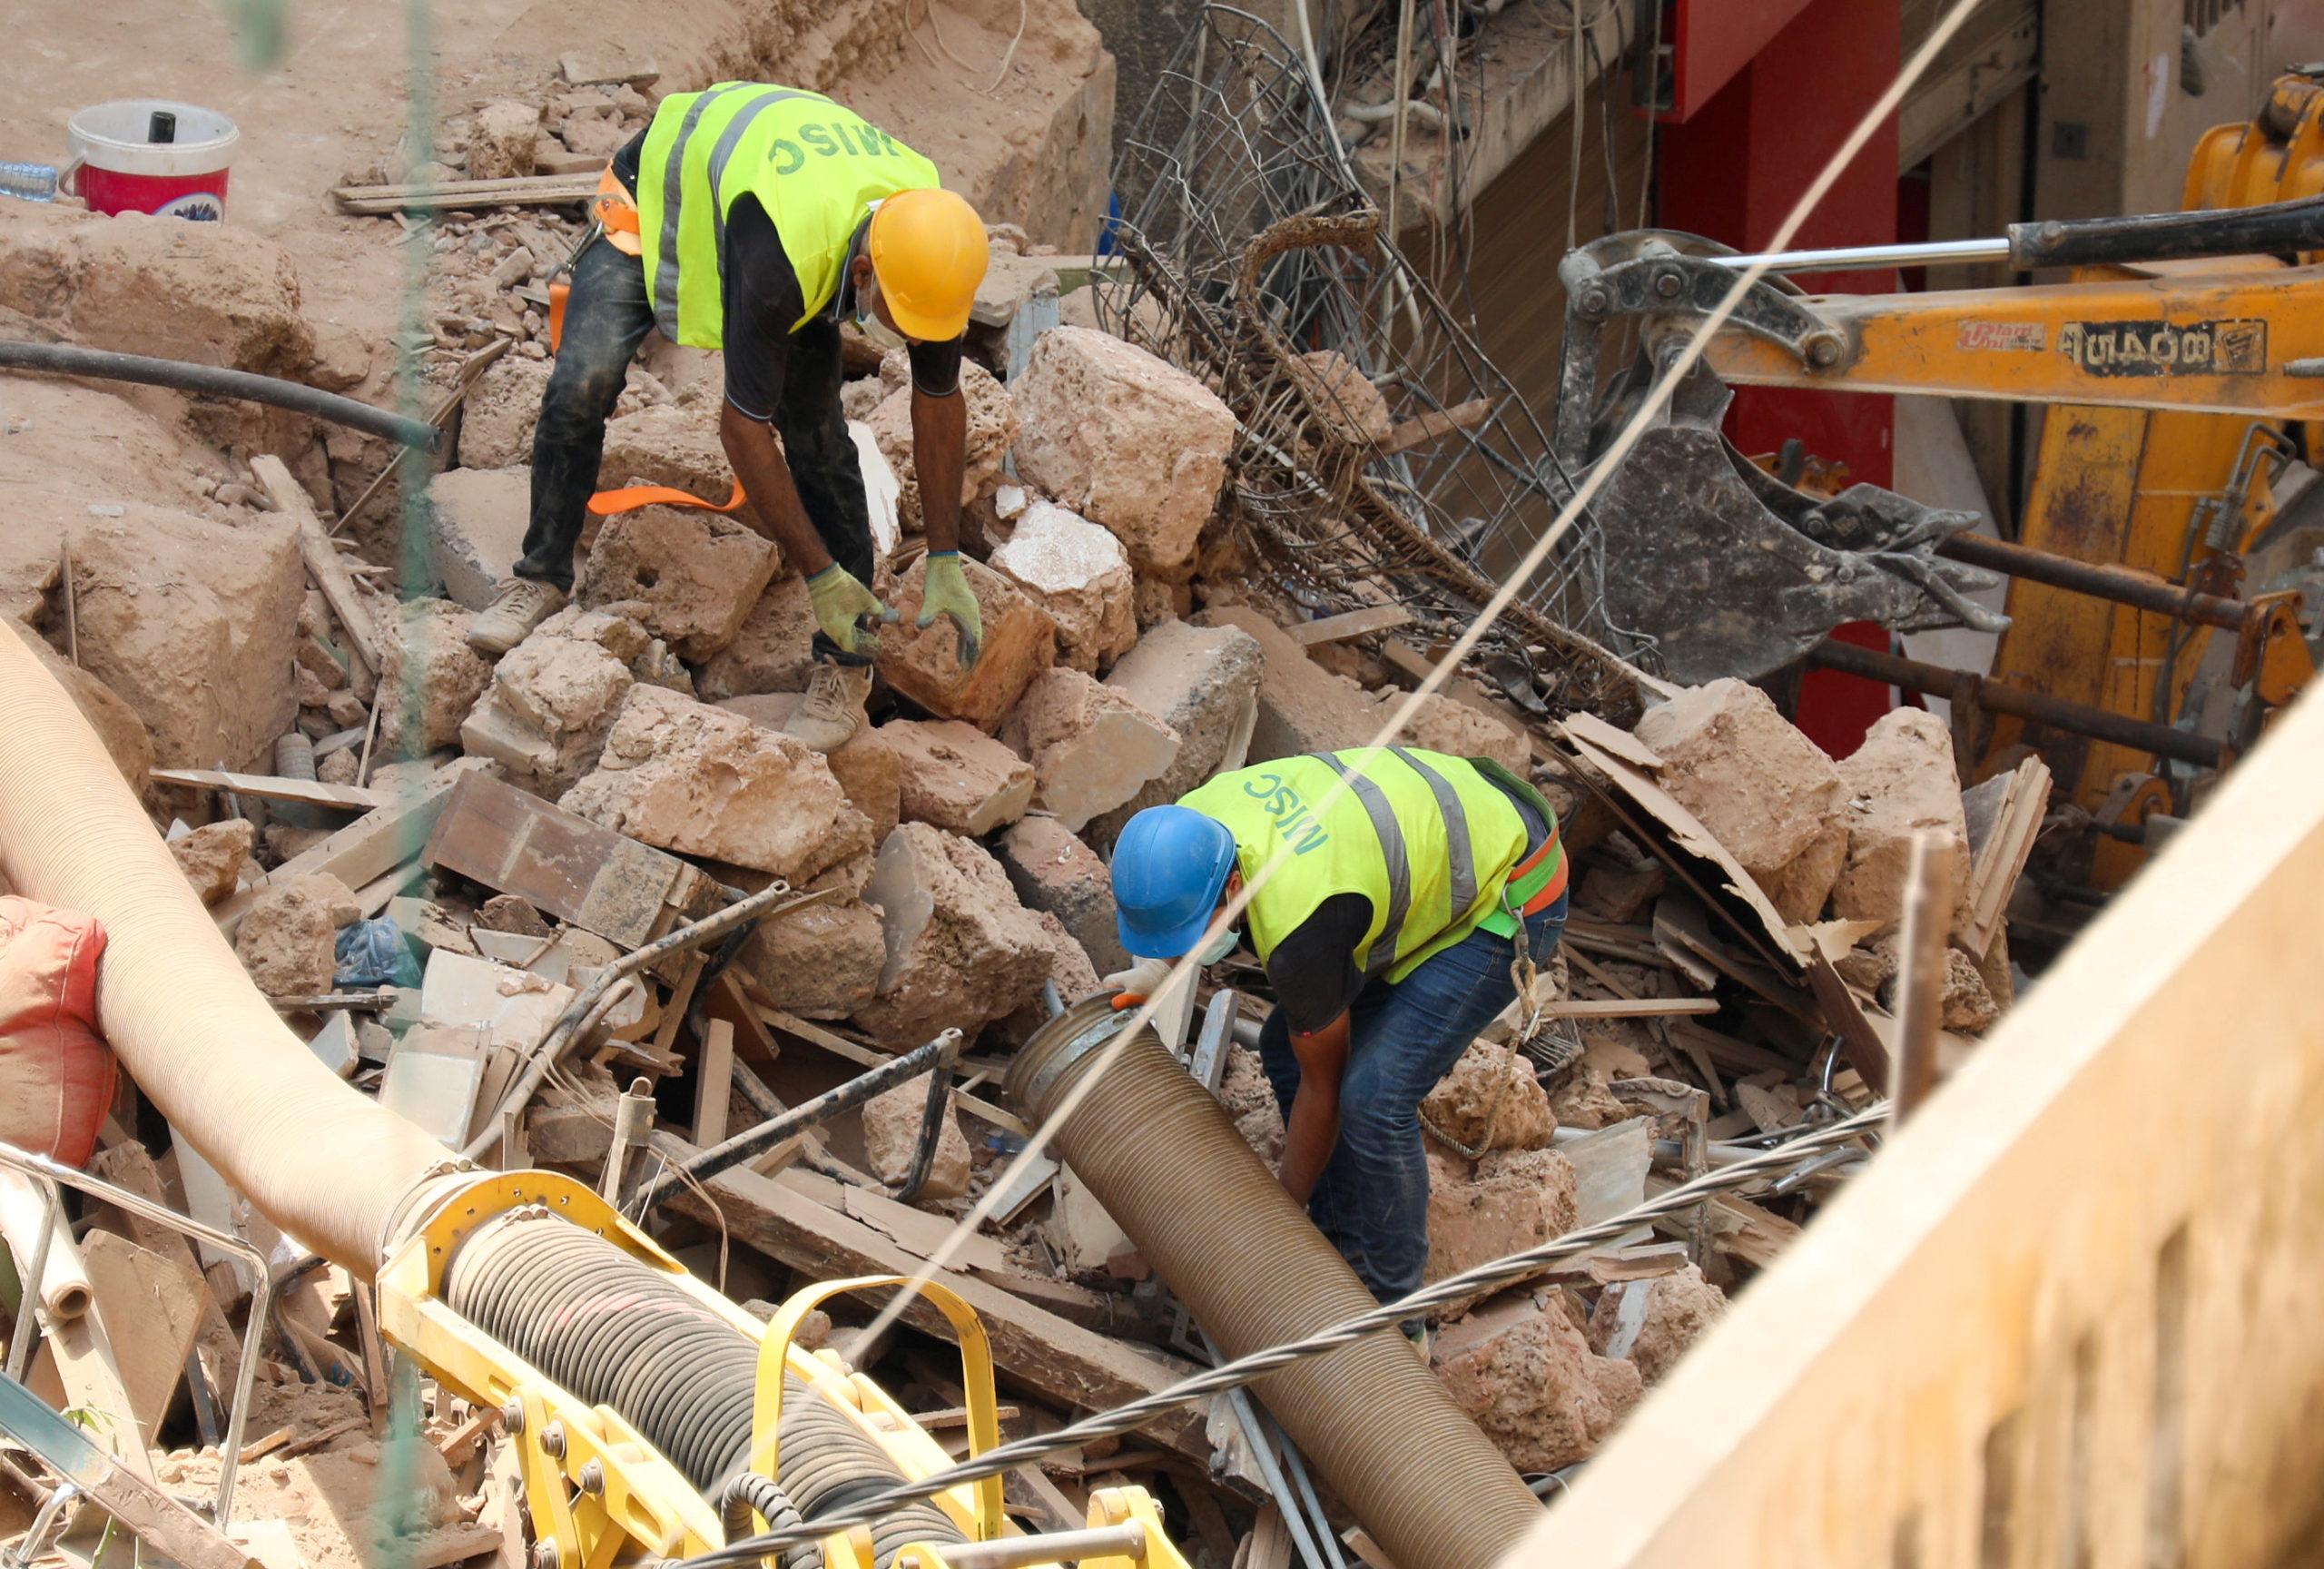 Liban: Plus d'espoir de retrouver des survivants après l'explosion